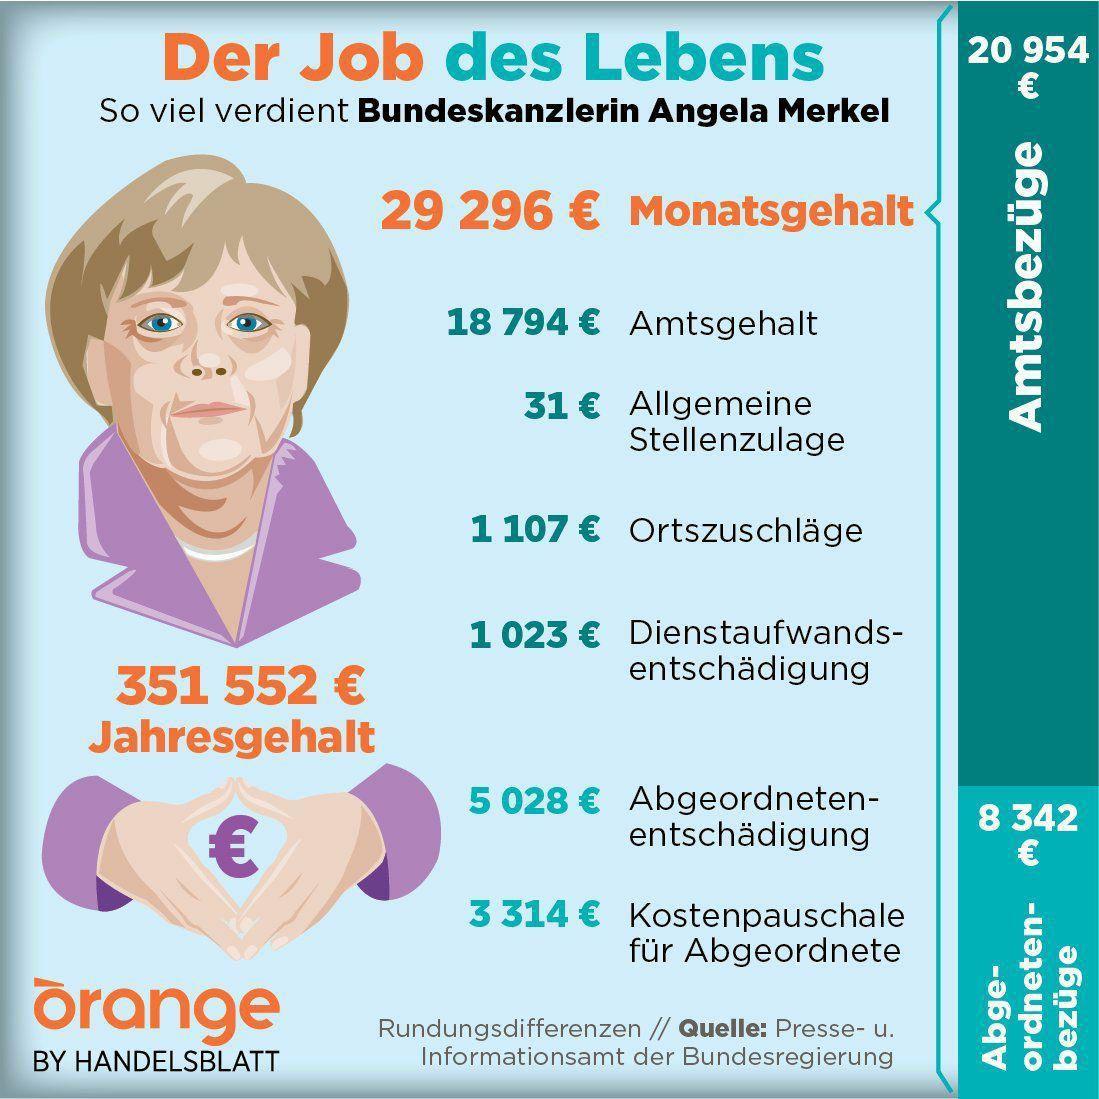 حقوق سالانه مرکل صدر اعظم کمتر از قرارداد امیر قلعهنویی +عکس